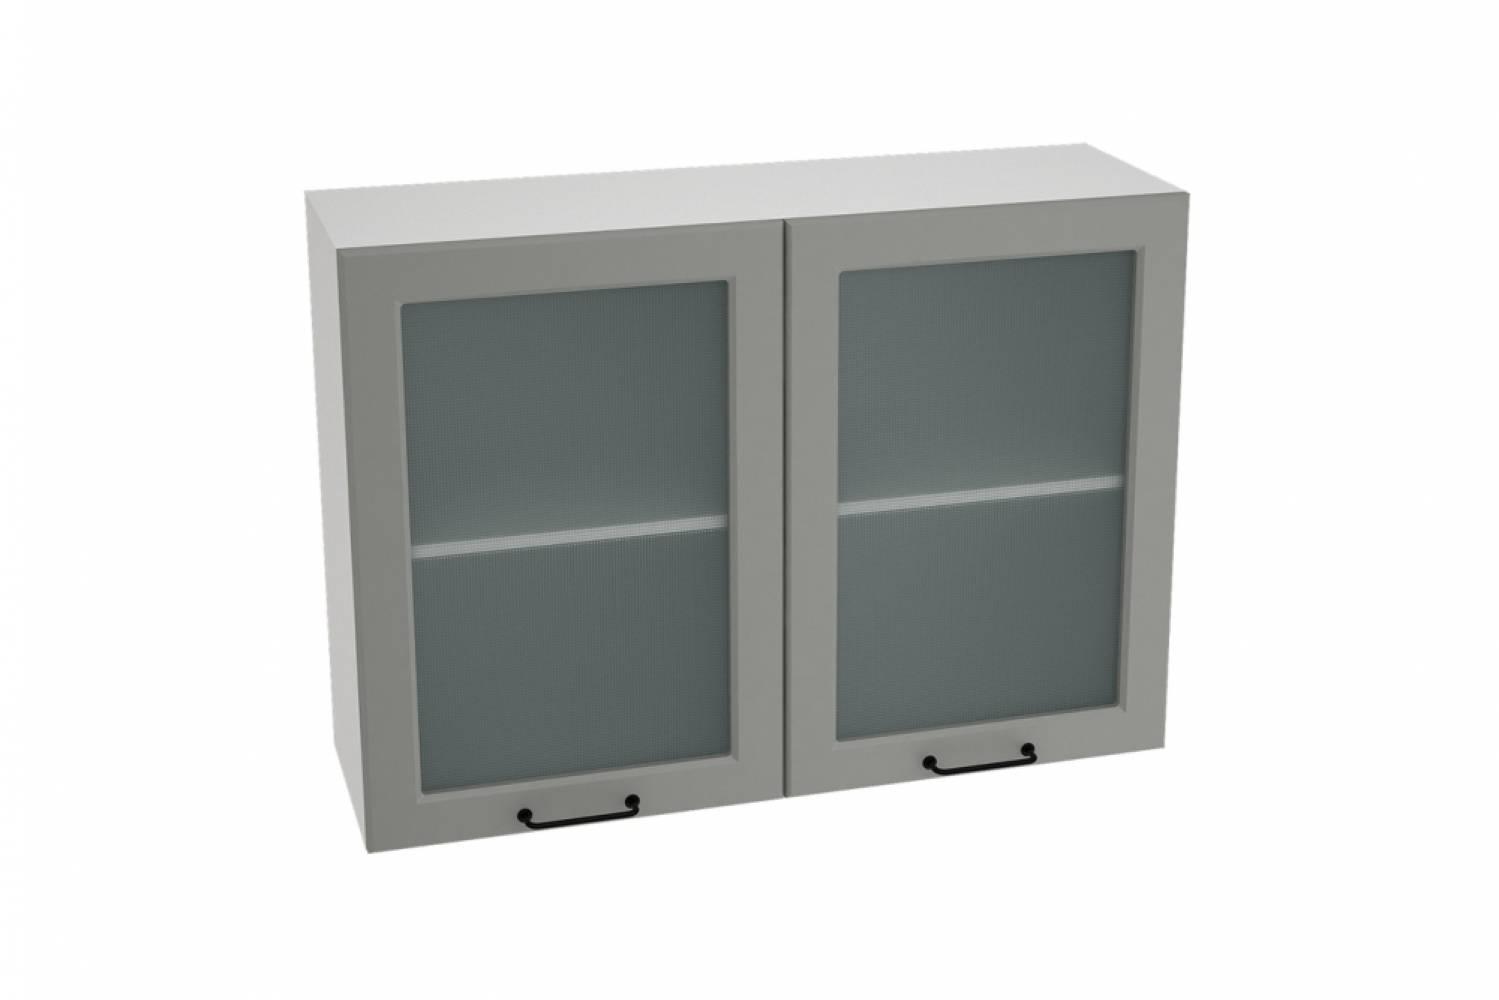 Шкаф верхний со стеклом ШВС 1000 НИЦЦА ROYAL (MAGNUM) 1000 мм